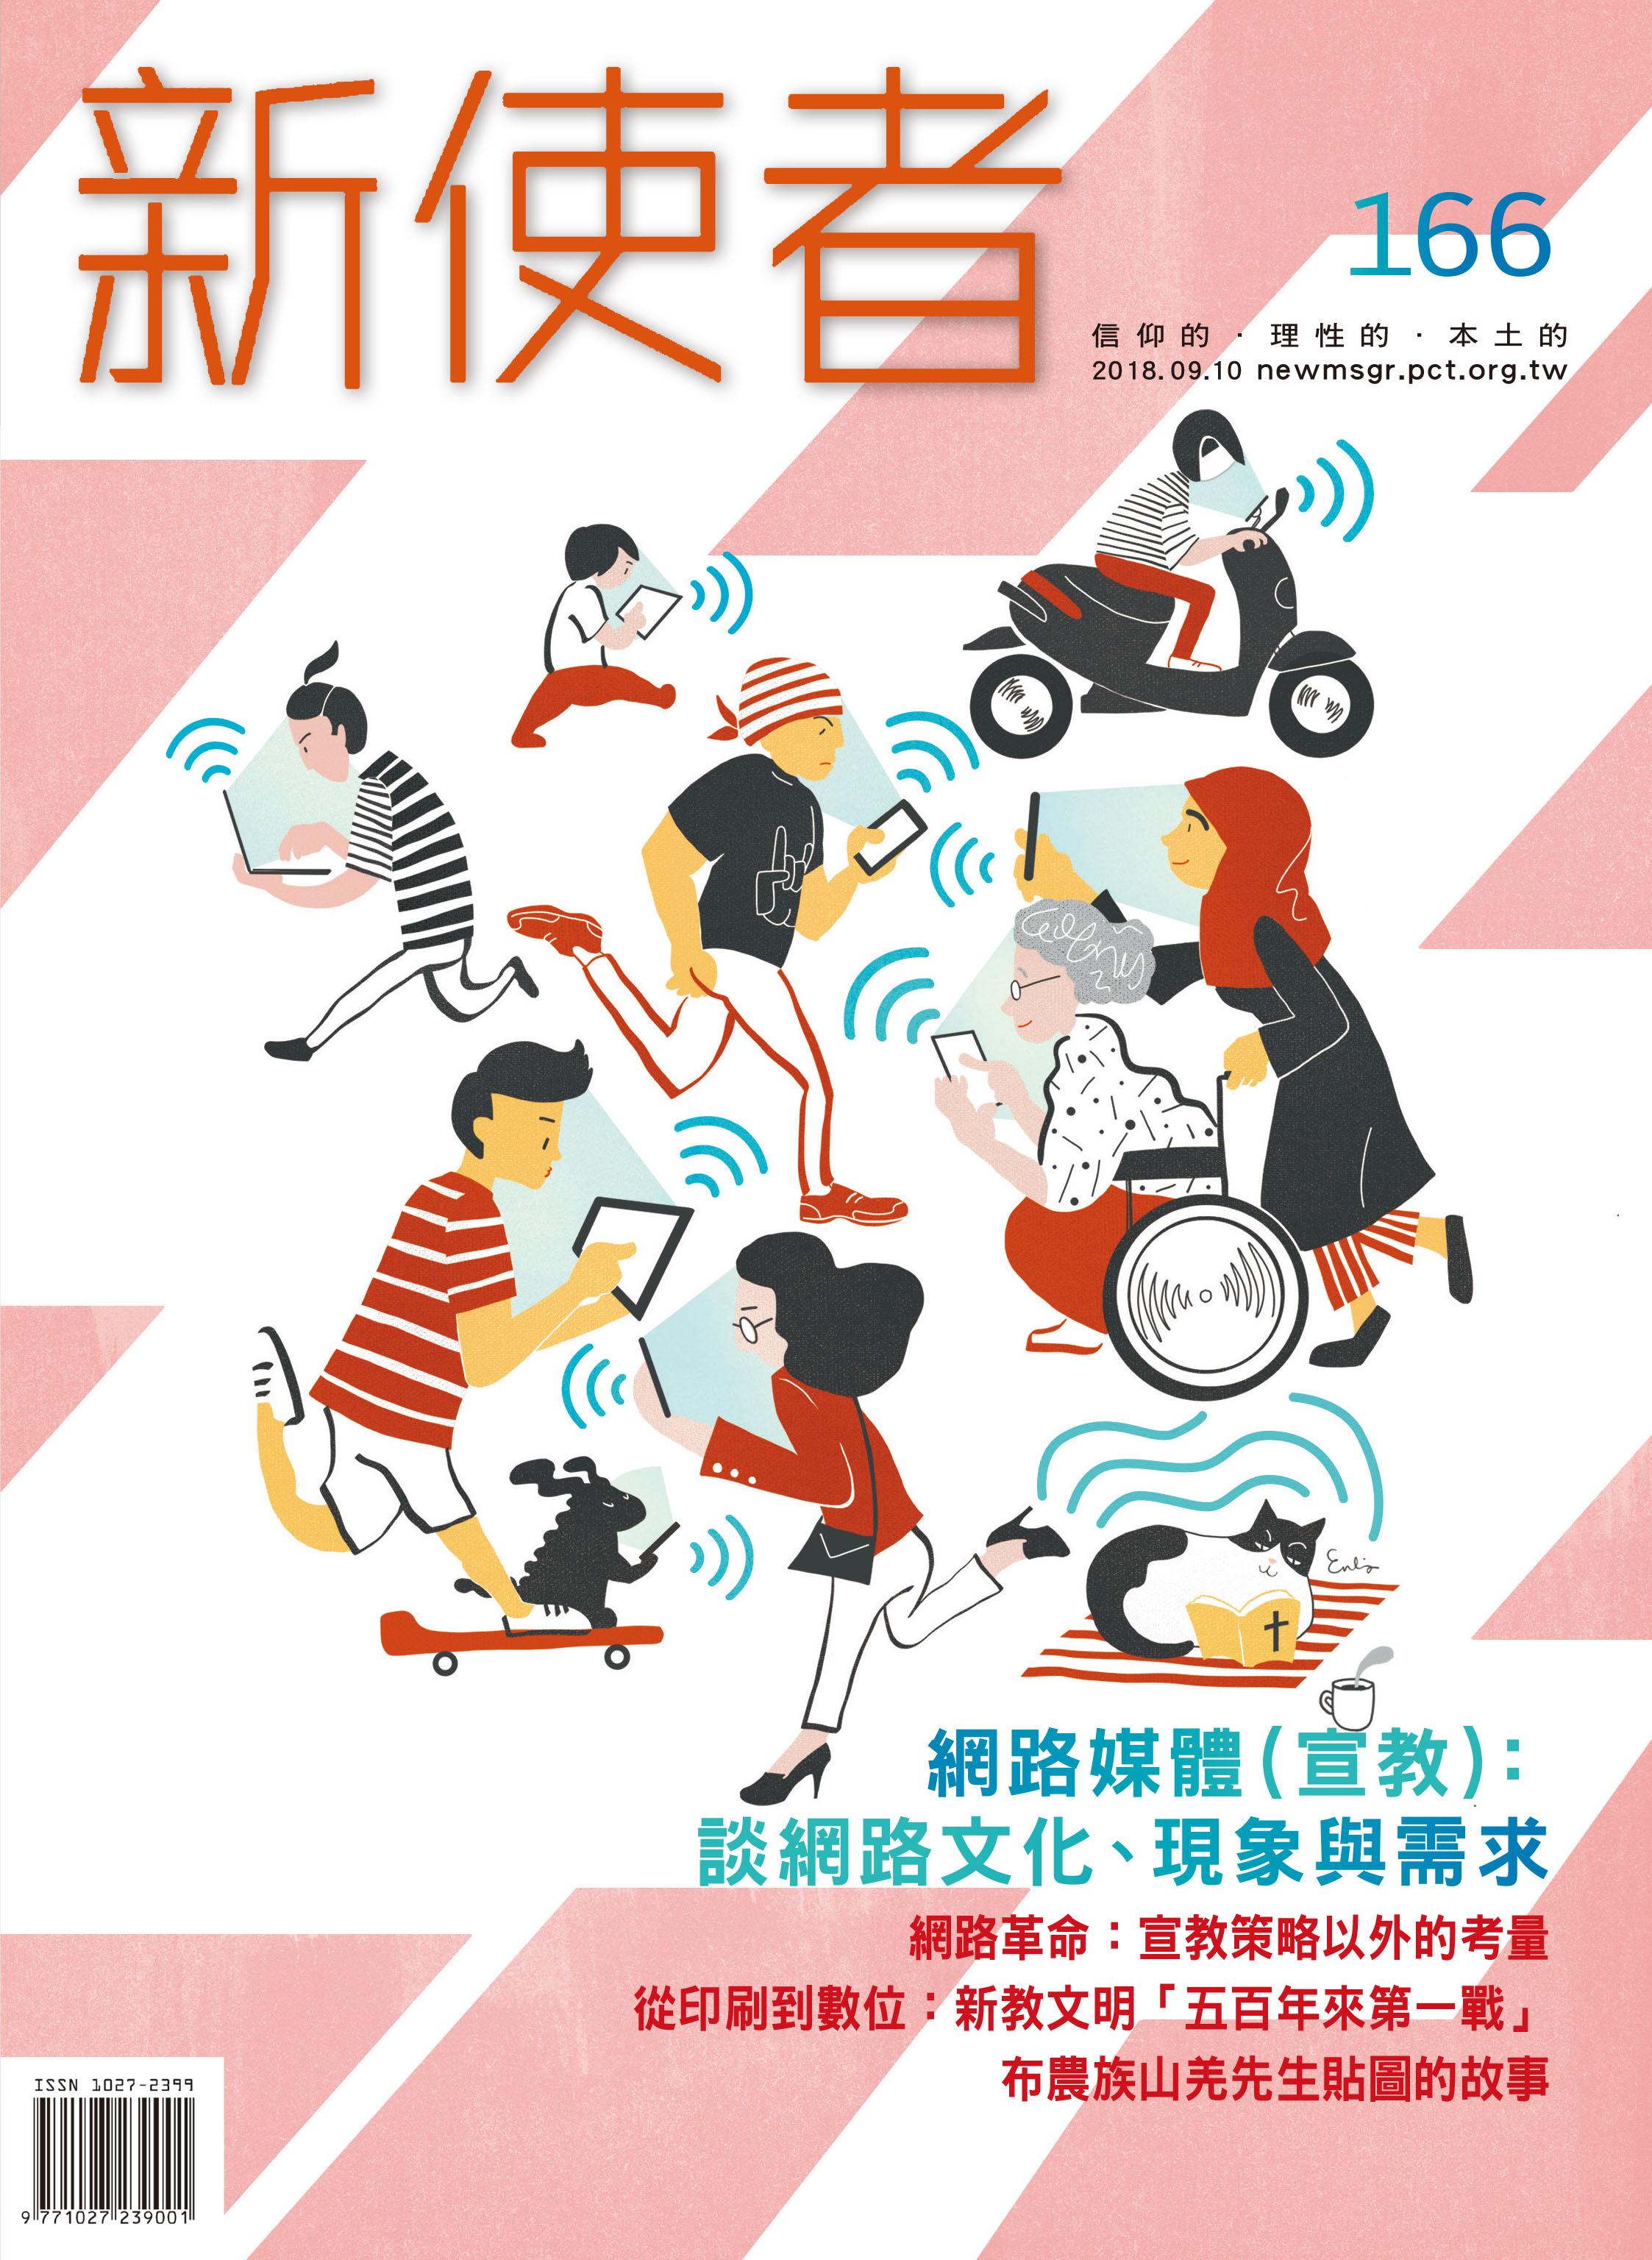 新使者雜誌 The New Messenger  166期  2018年  9月 網路媒體(宣教):談網路文化、現象與需求